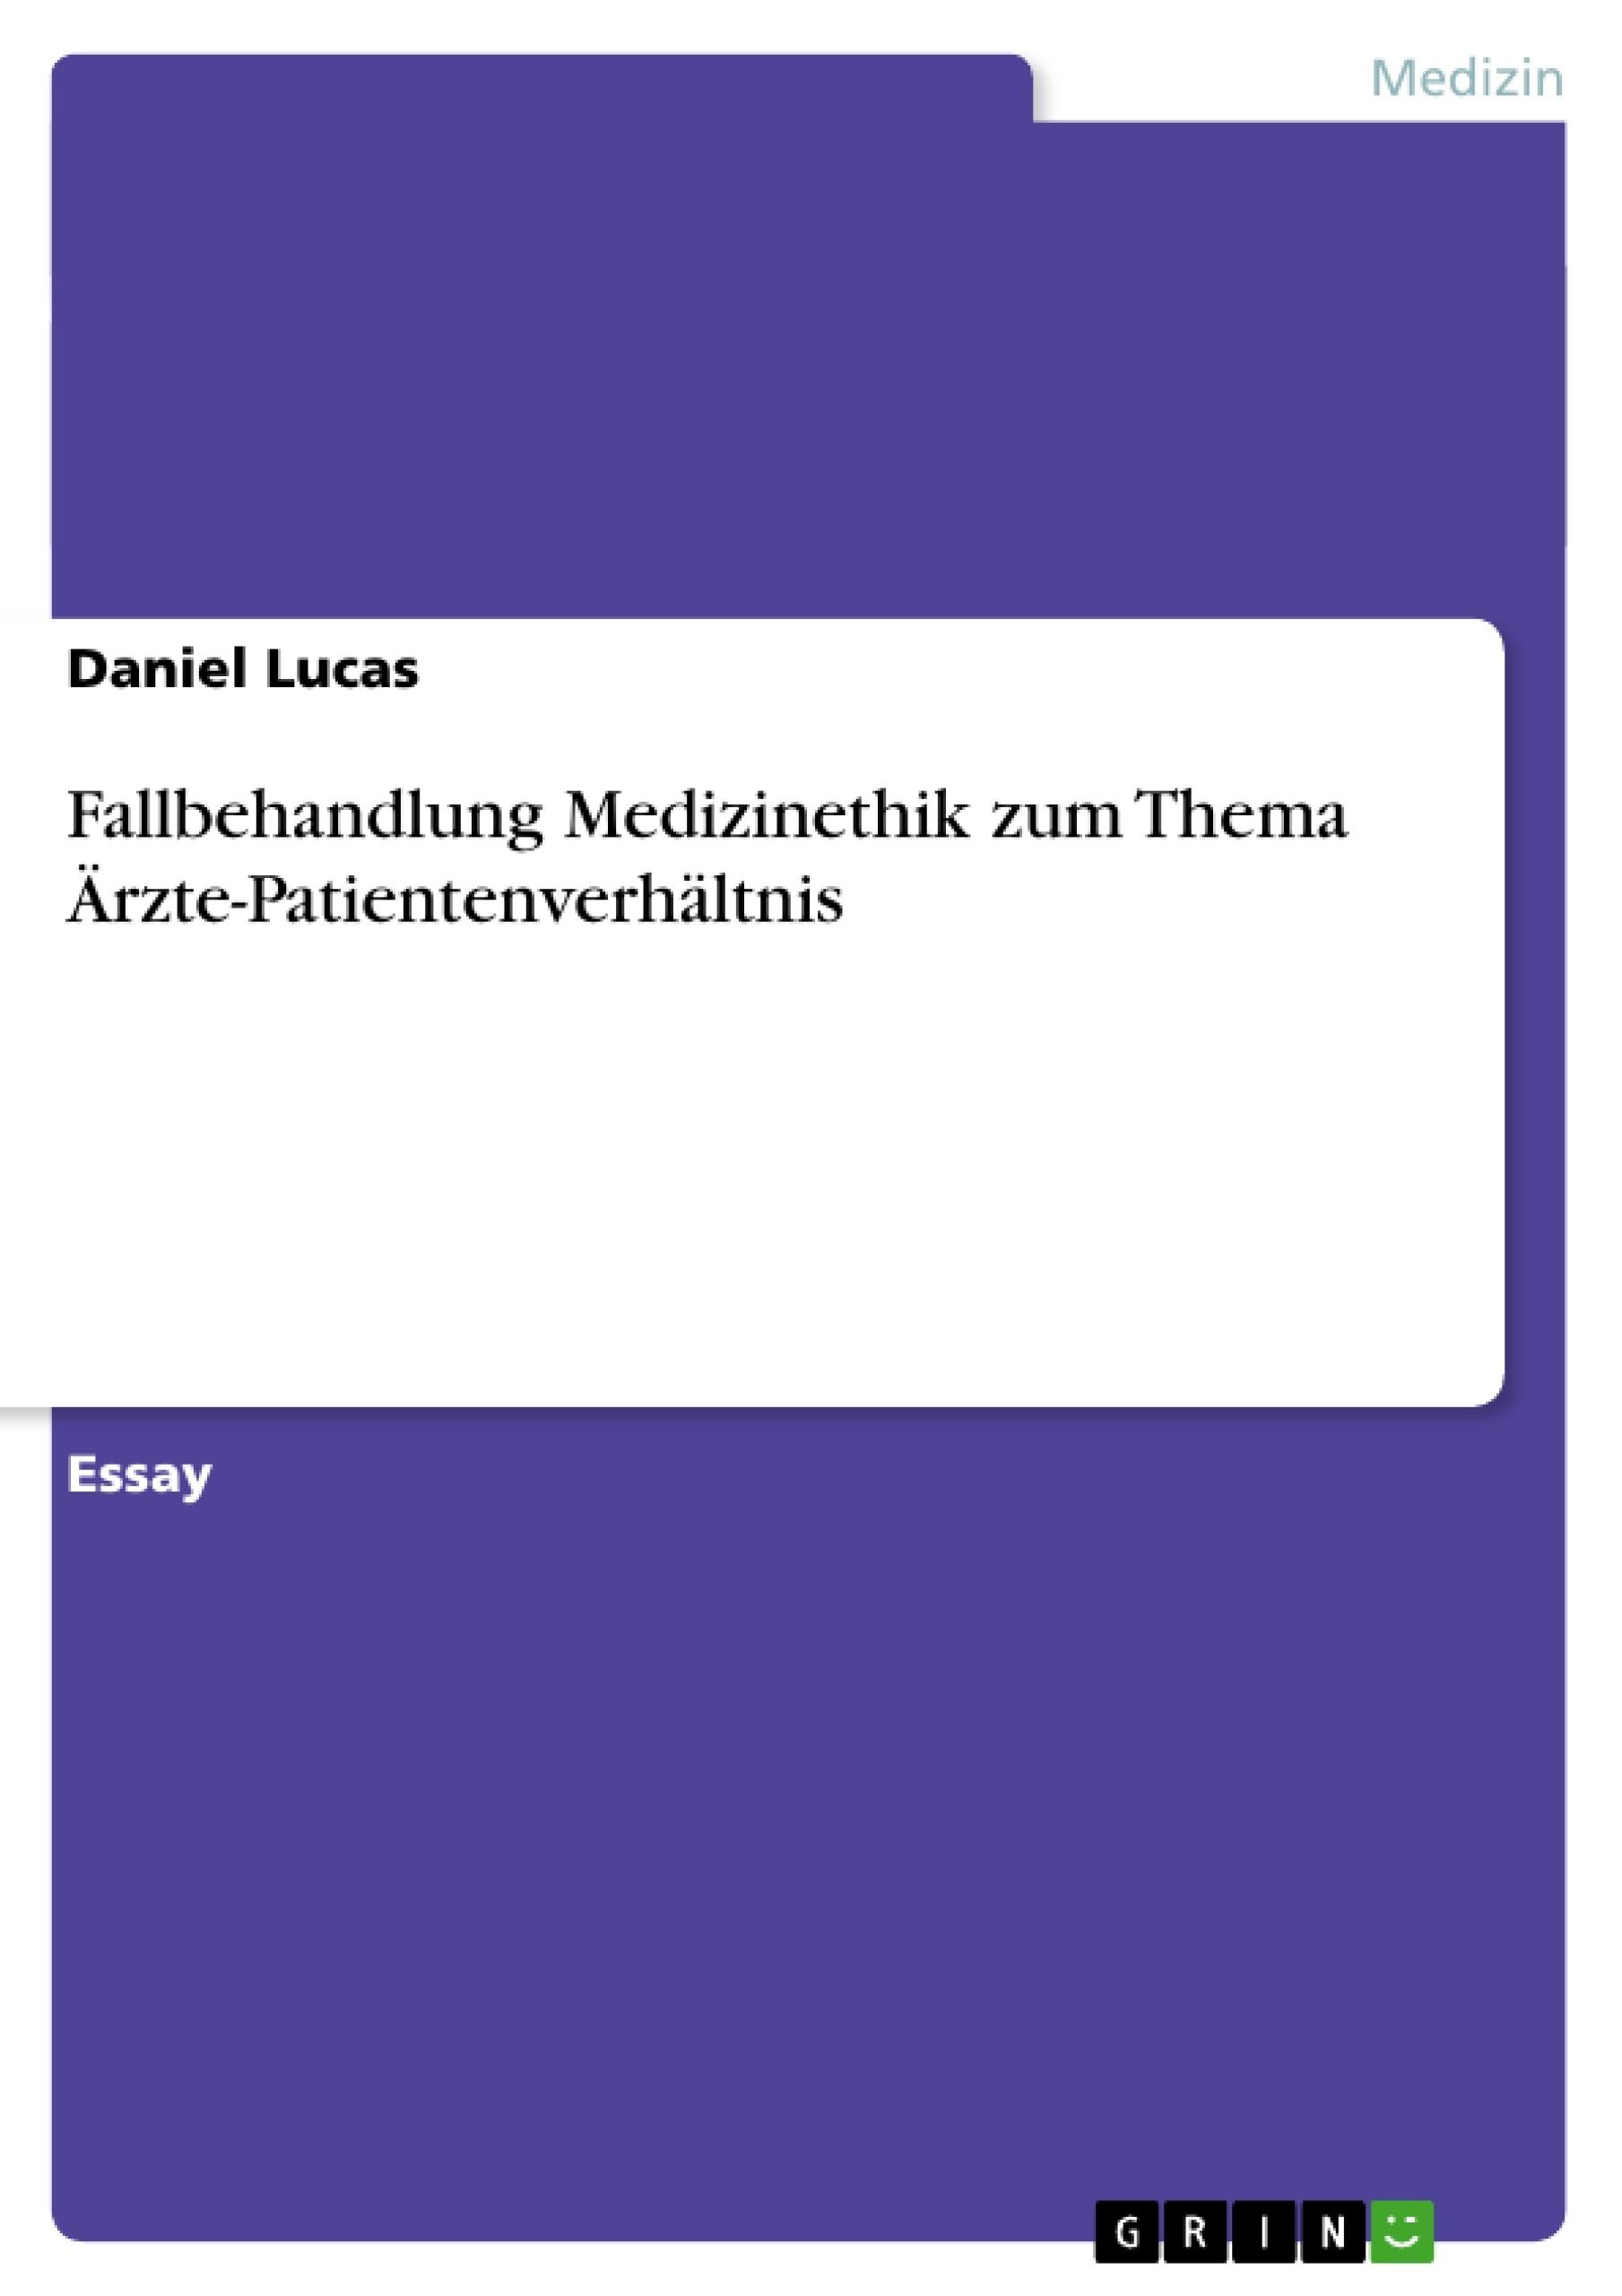 Titel: Fallbehandlung Medizinethik zum Thema Ärzte-Patientenverhältnis